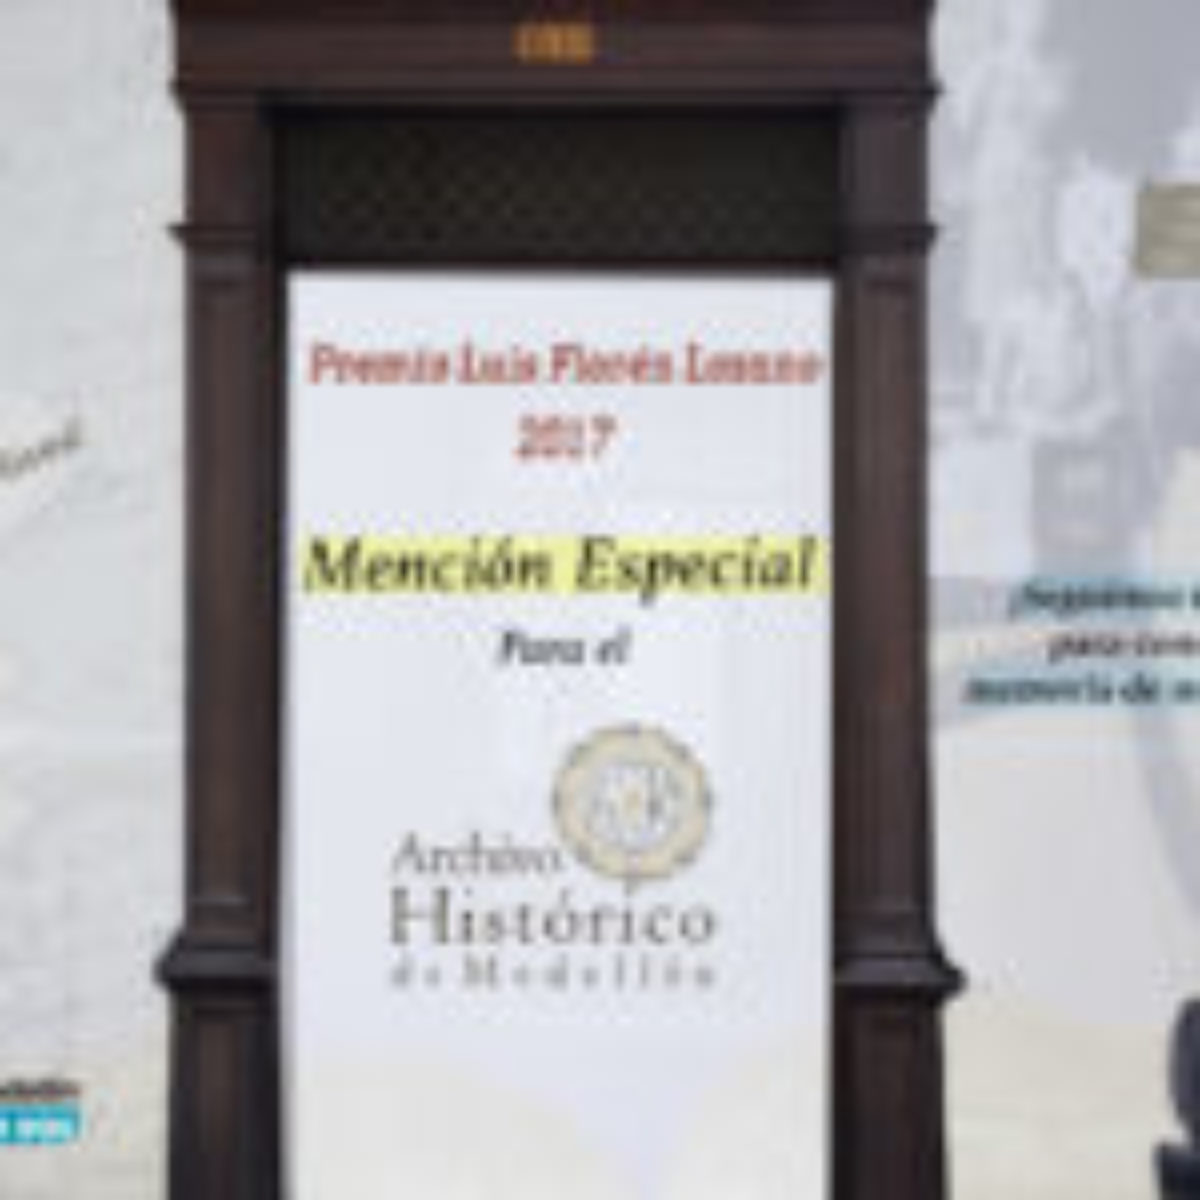 El Archivo Histórico de Medellín recibe mención especial